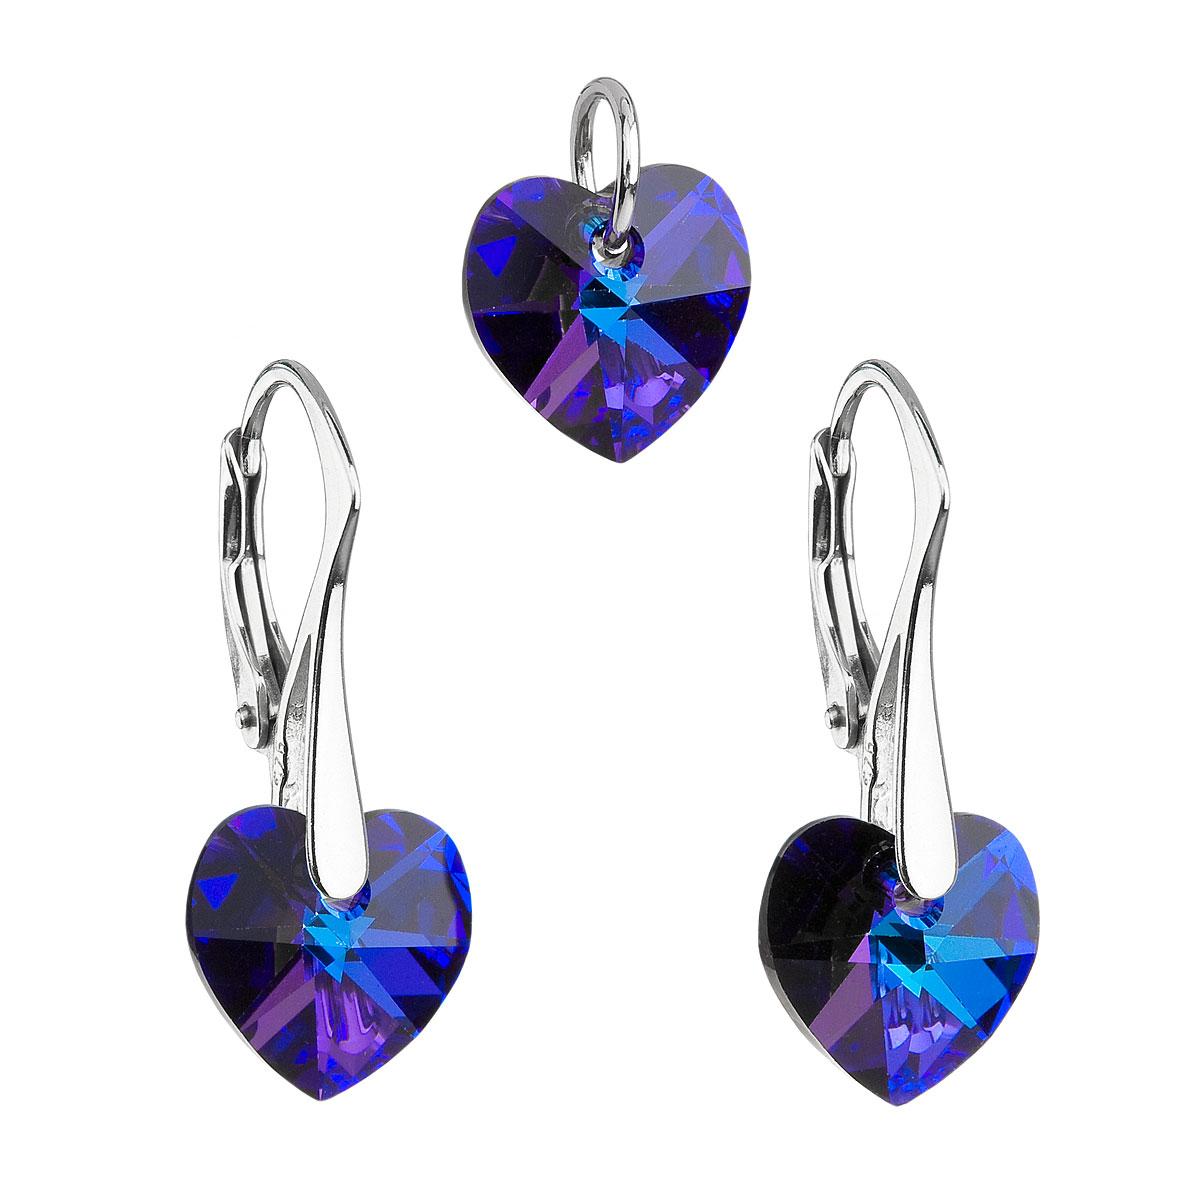 Sada šperků s krystaly Swarovski náušnice a přívěsek modrá srdce 39003.5 heliotrope